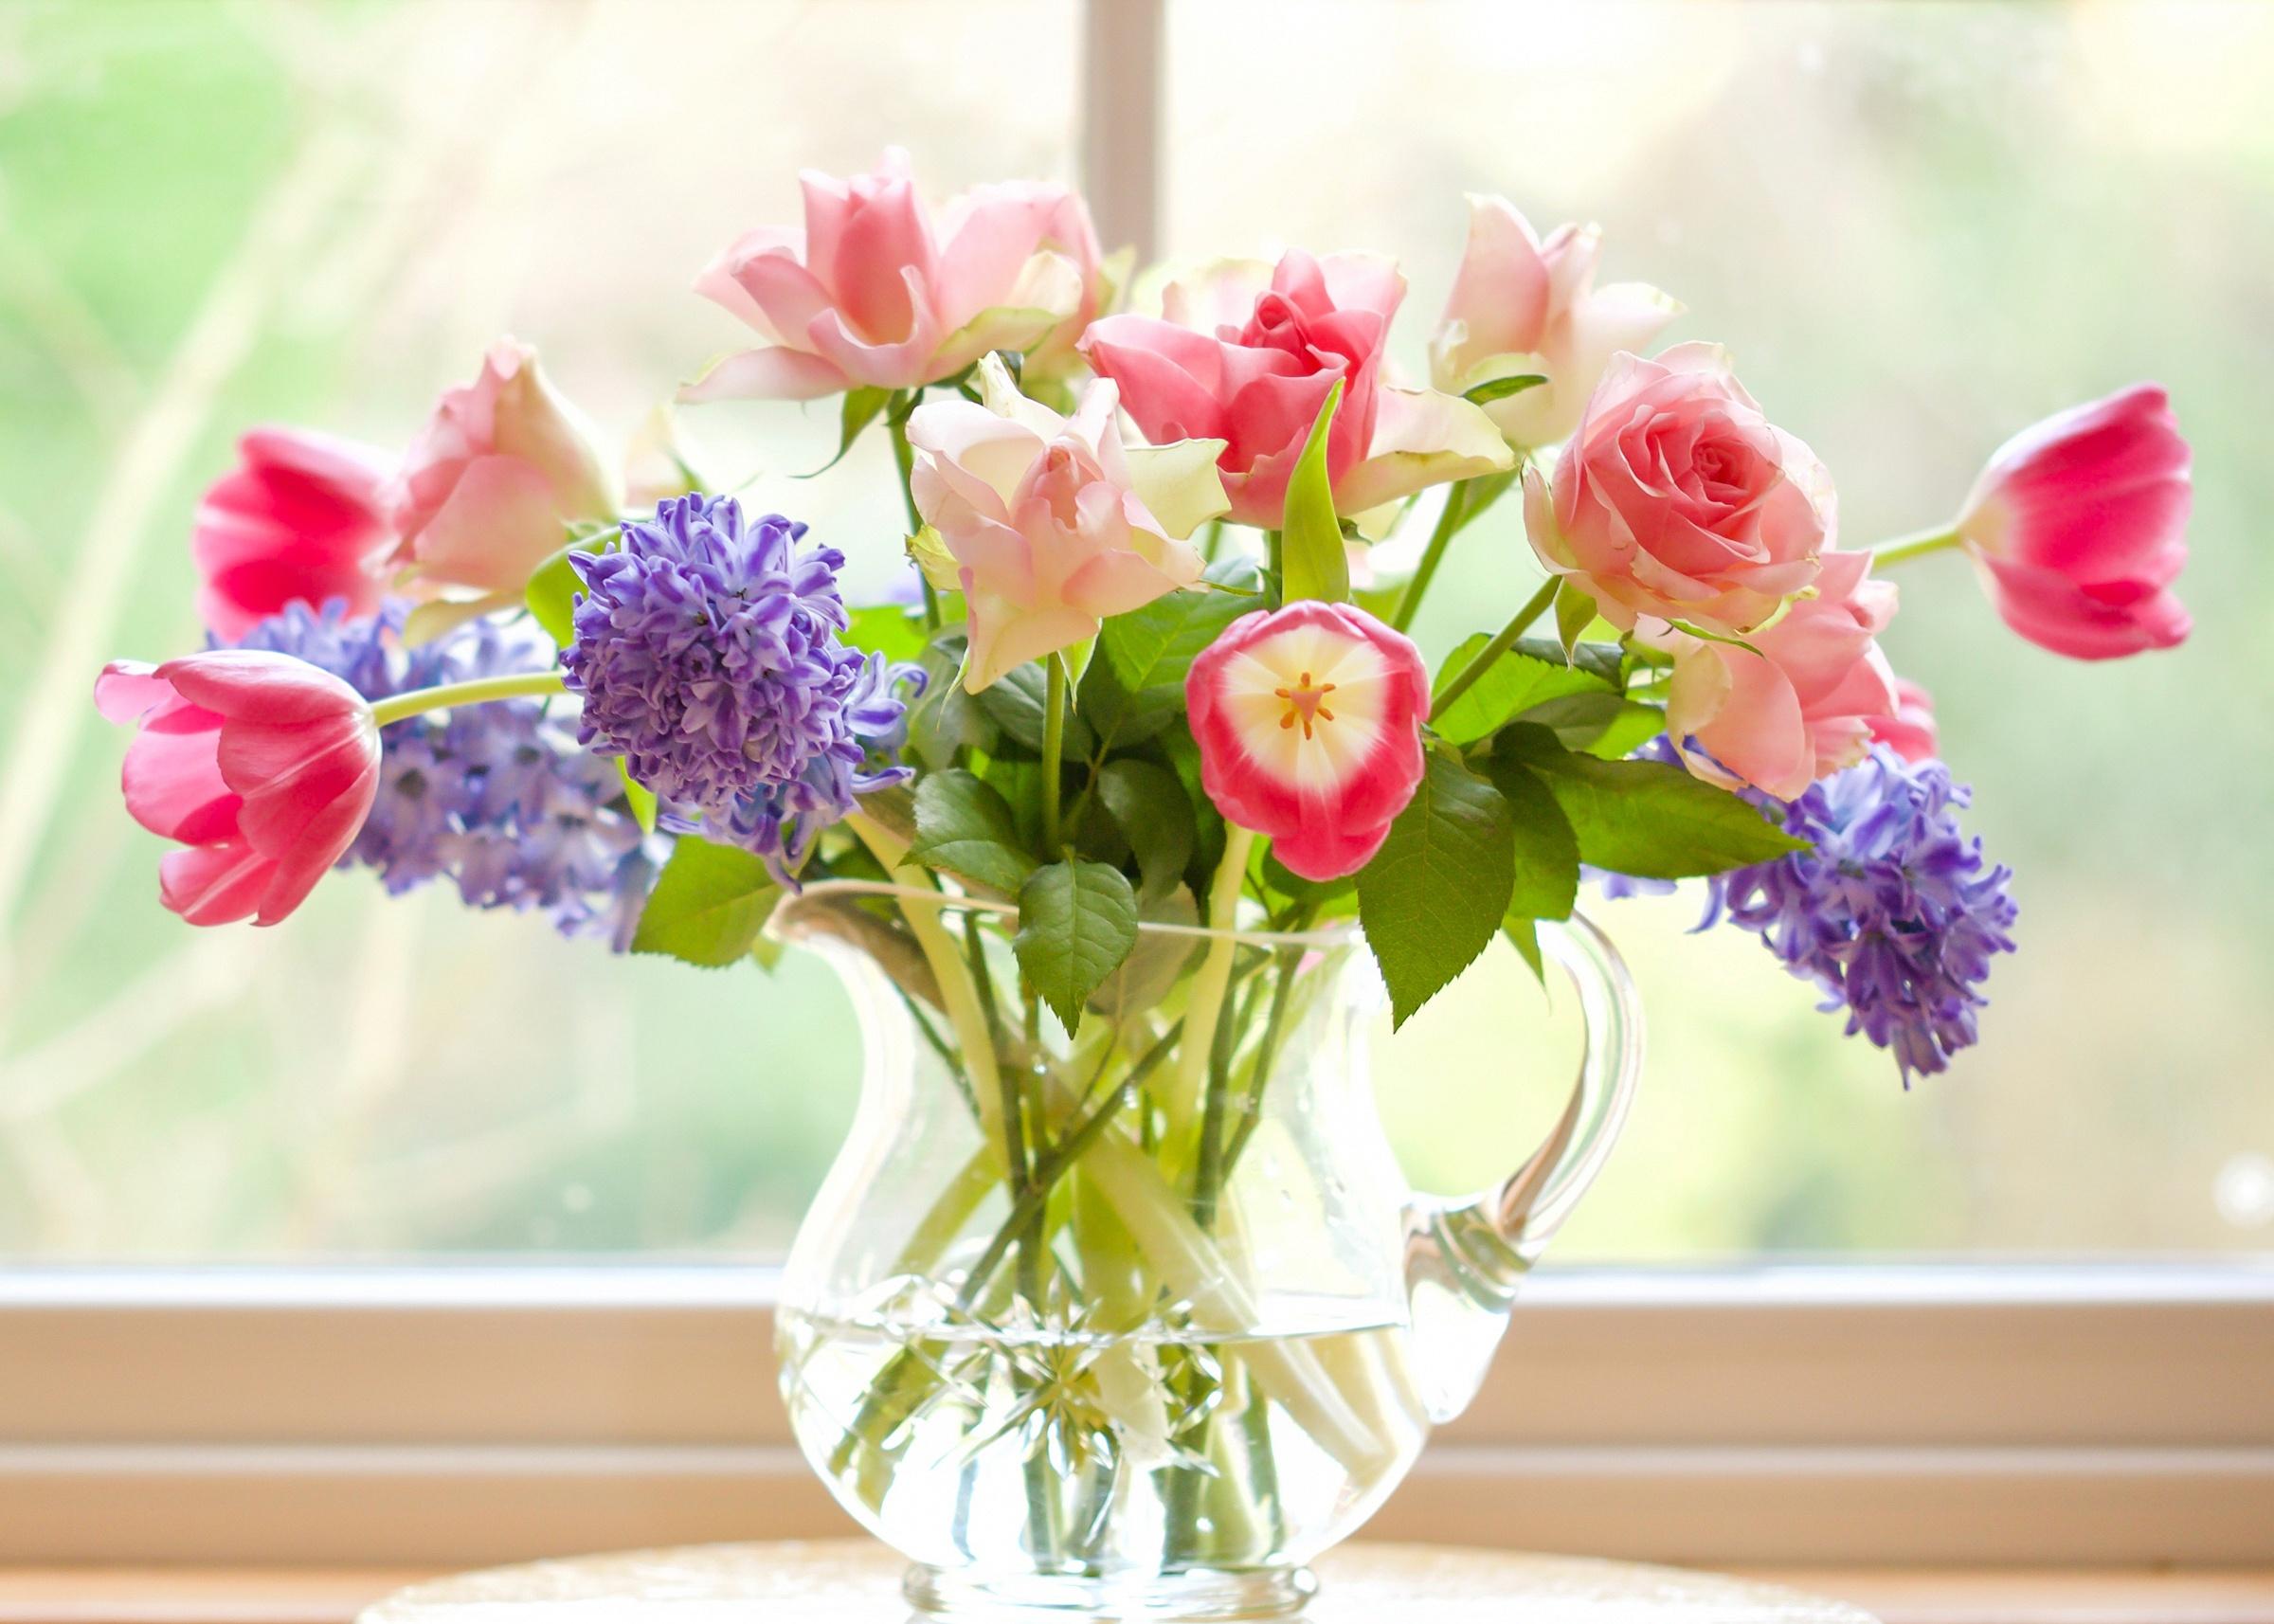 Большие картинки цветы в кувшине на окне